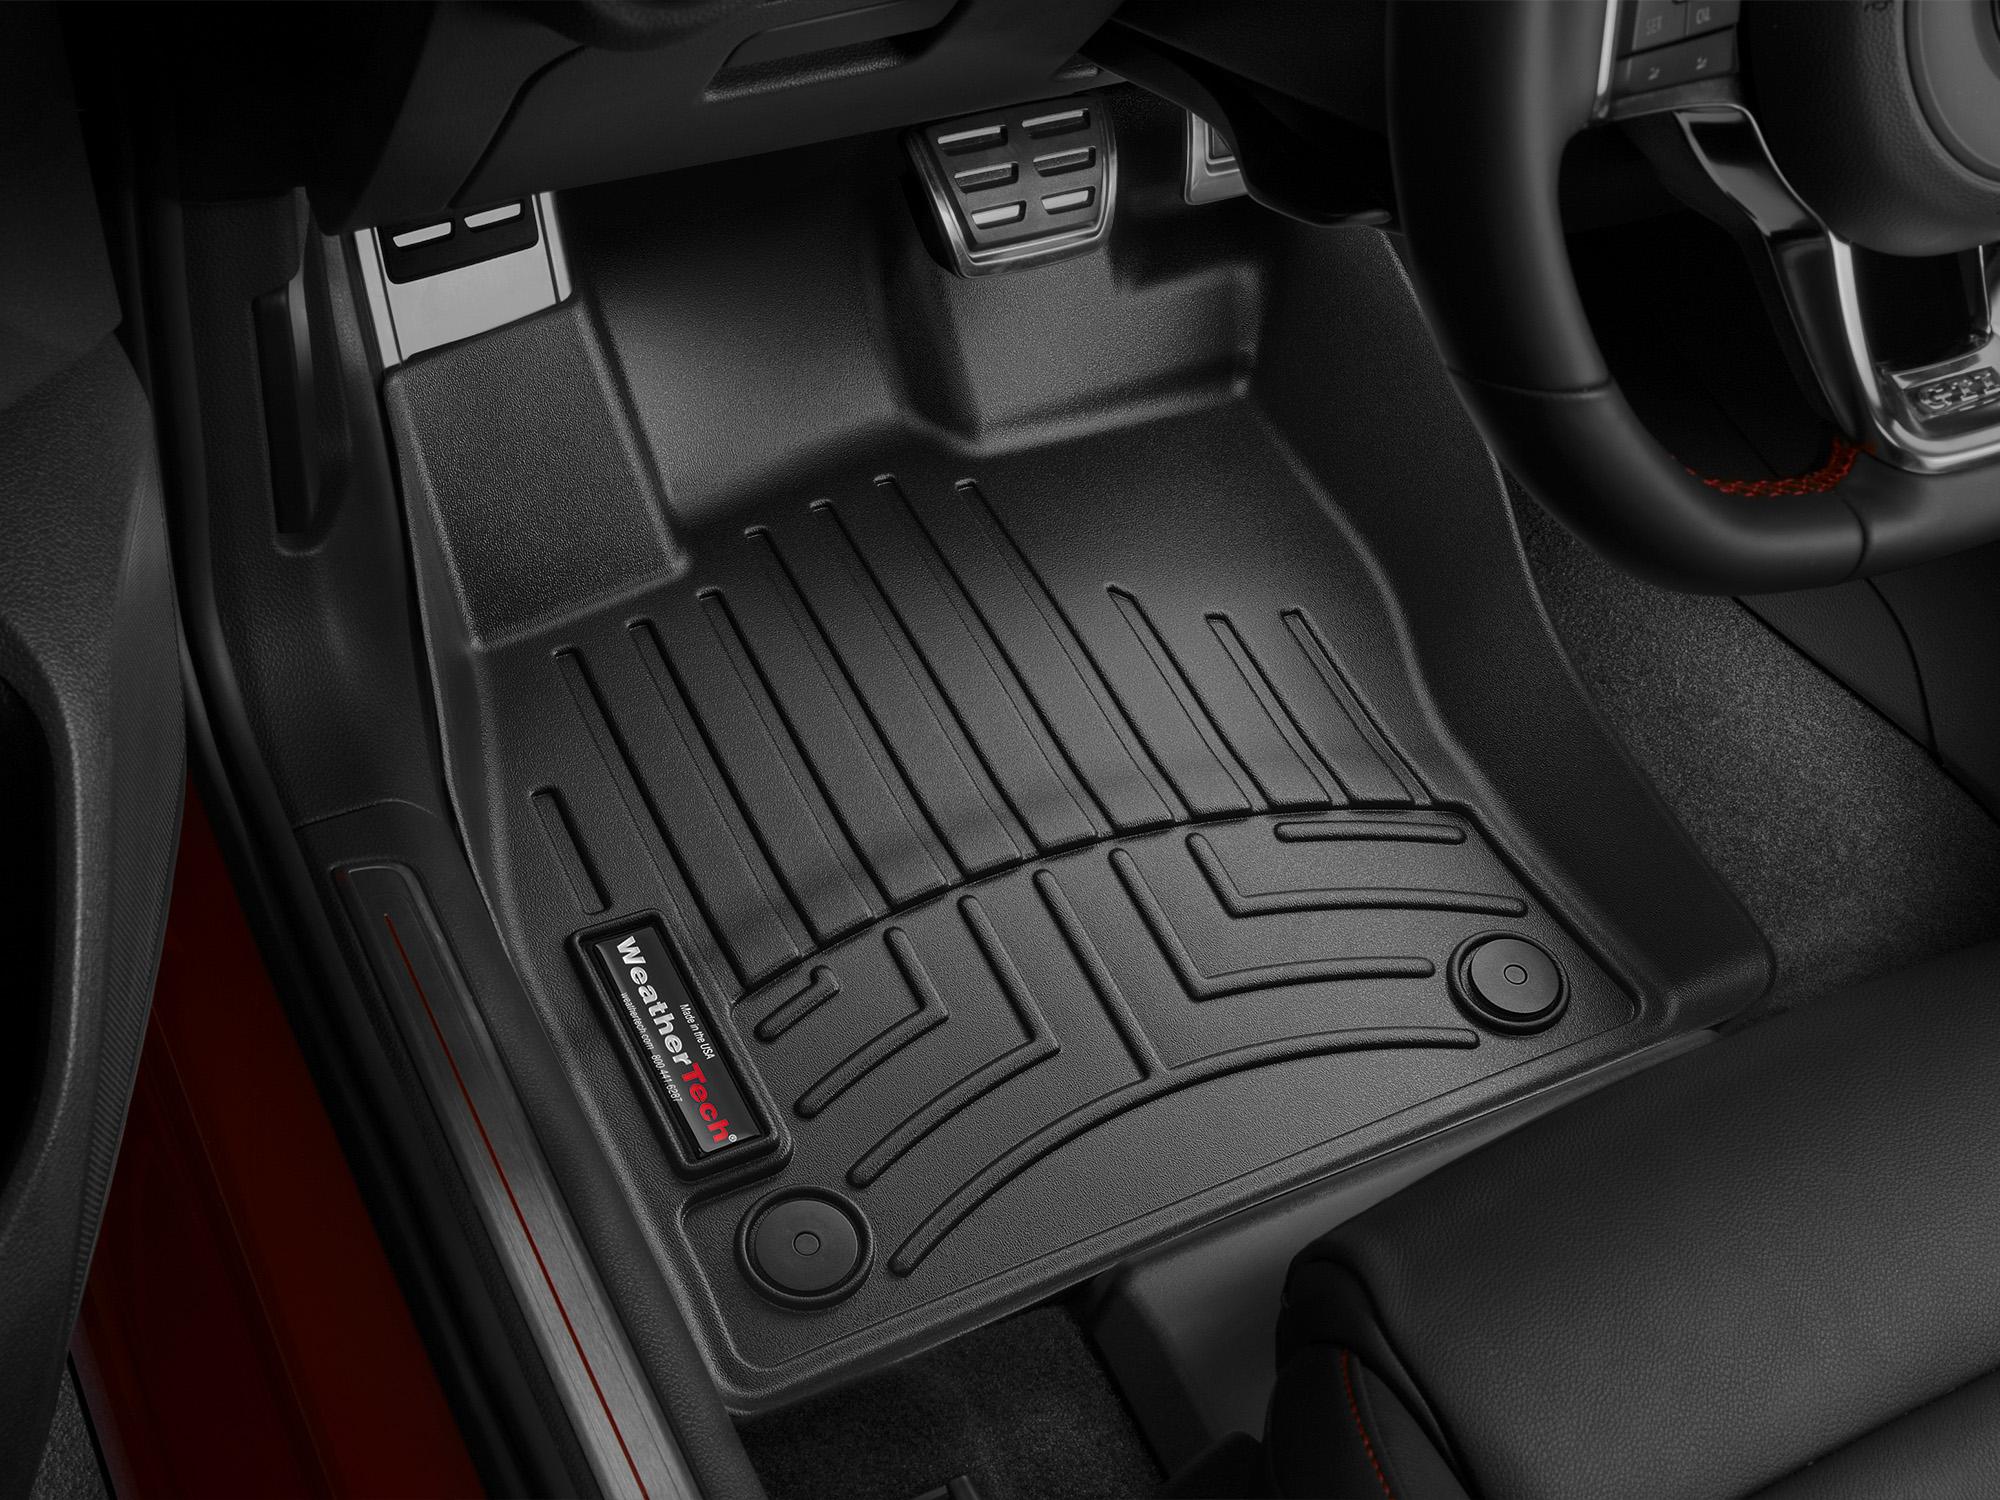 Tappeti gomma su misura bordo alto Volkswagen Golf 12>12 Nero A4052*